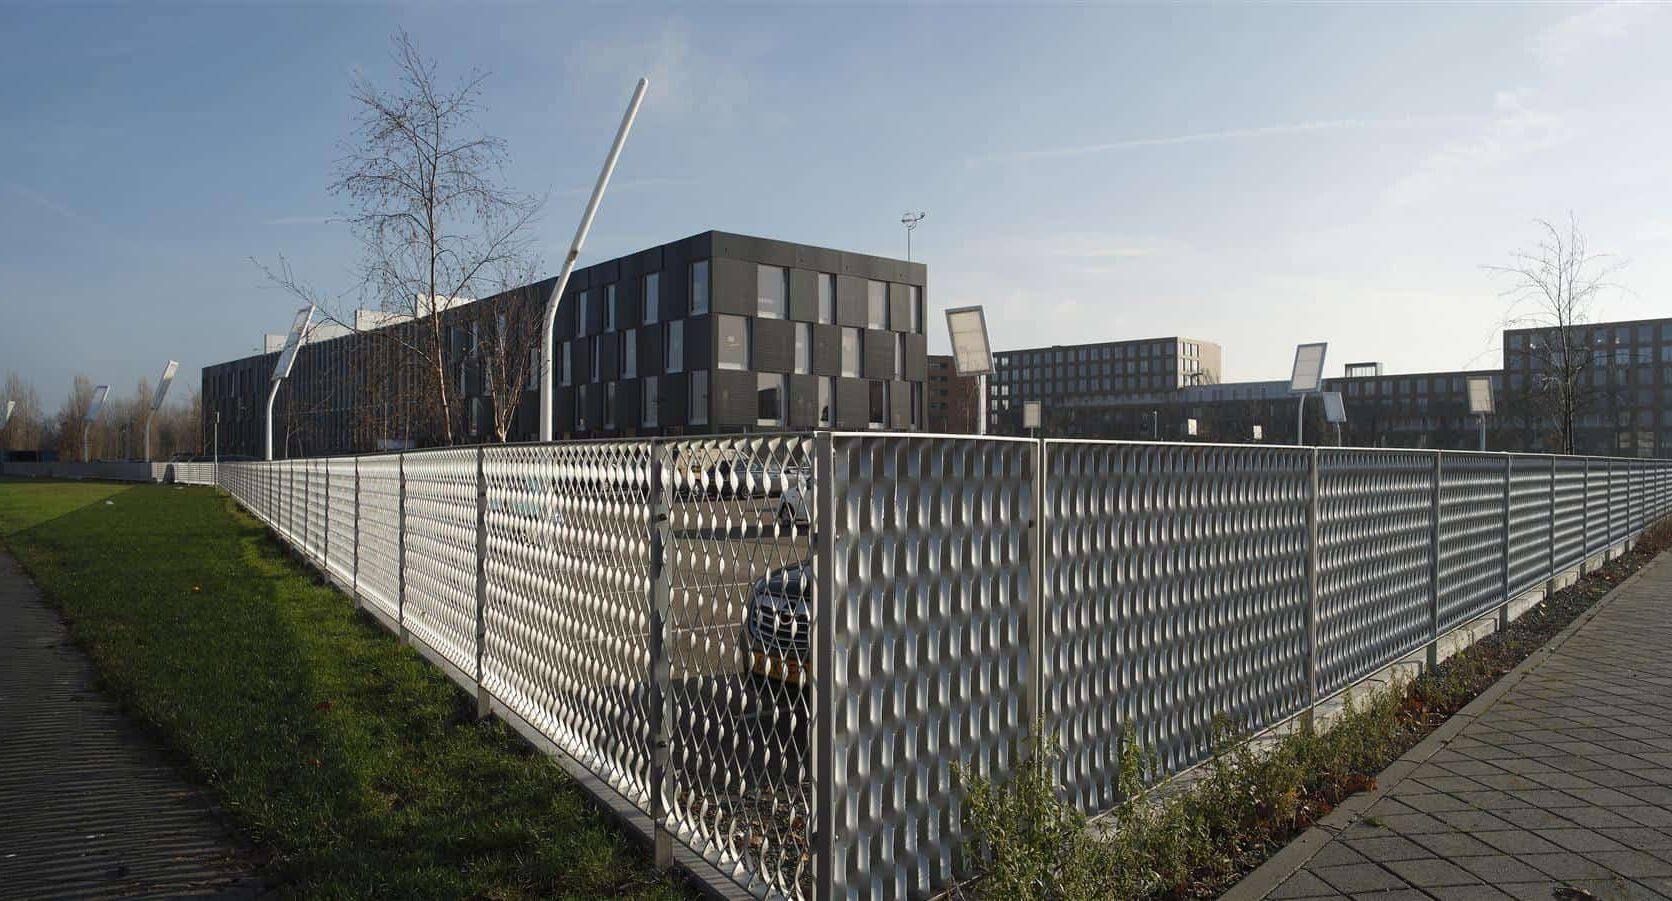 Overzichtsfoto van de MD Strekmetaal erfafscheiding bij Sportcampus Leidsche Rijn in Utrecht